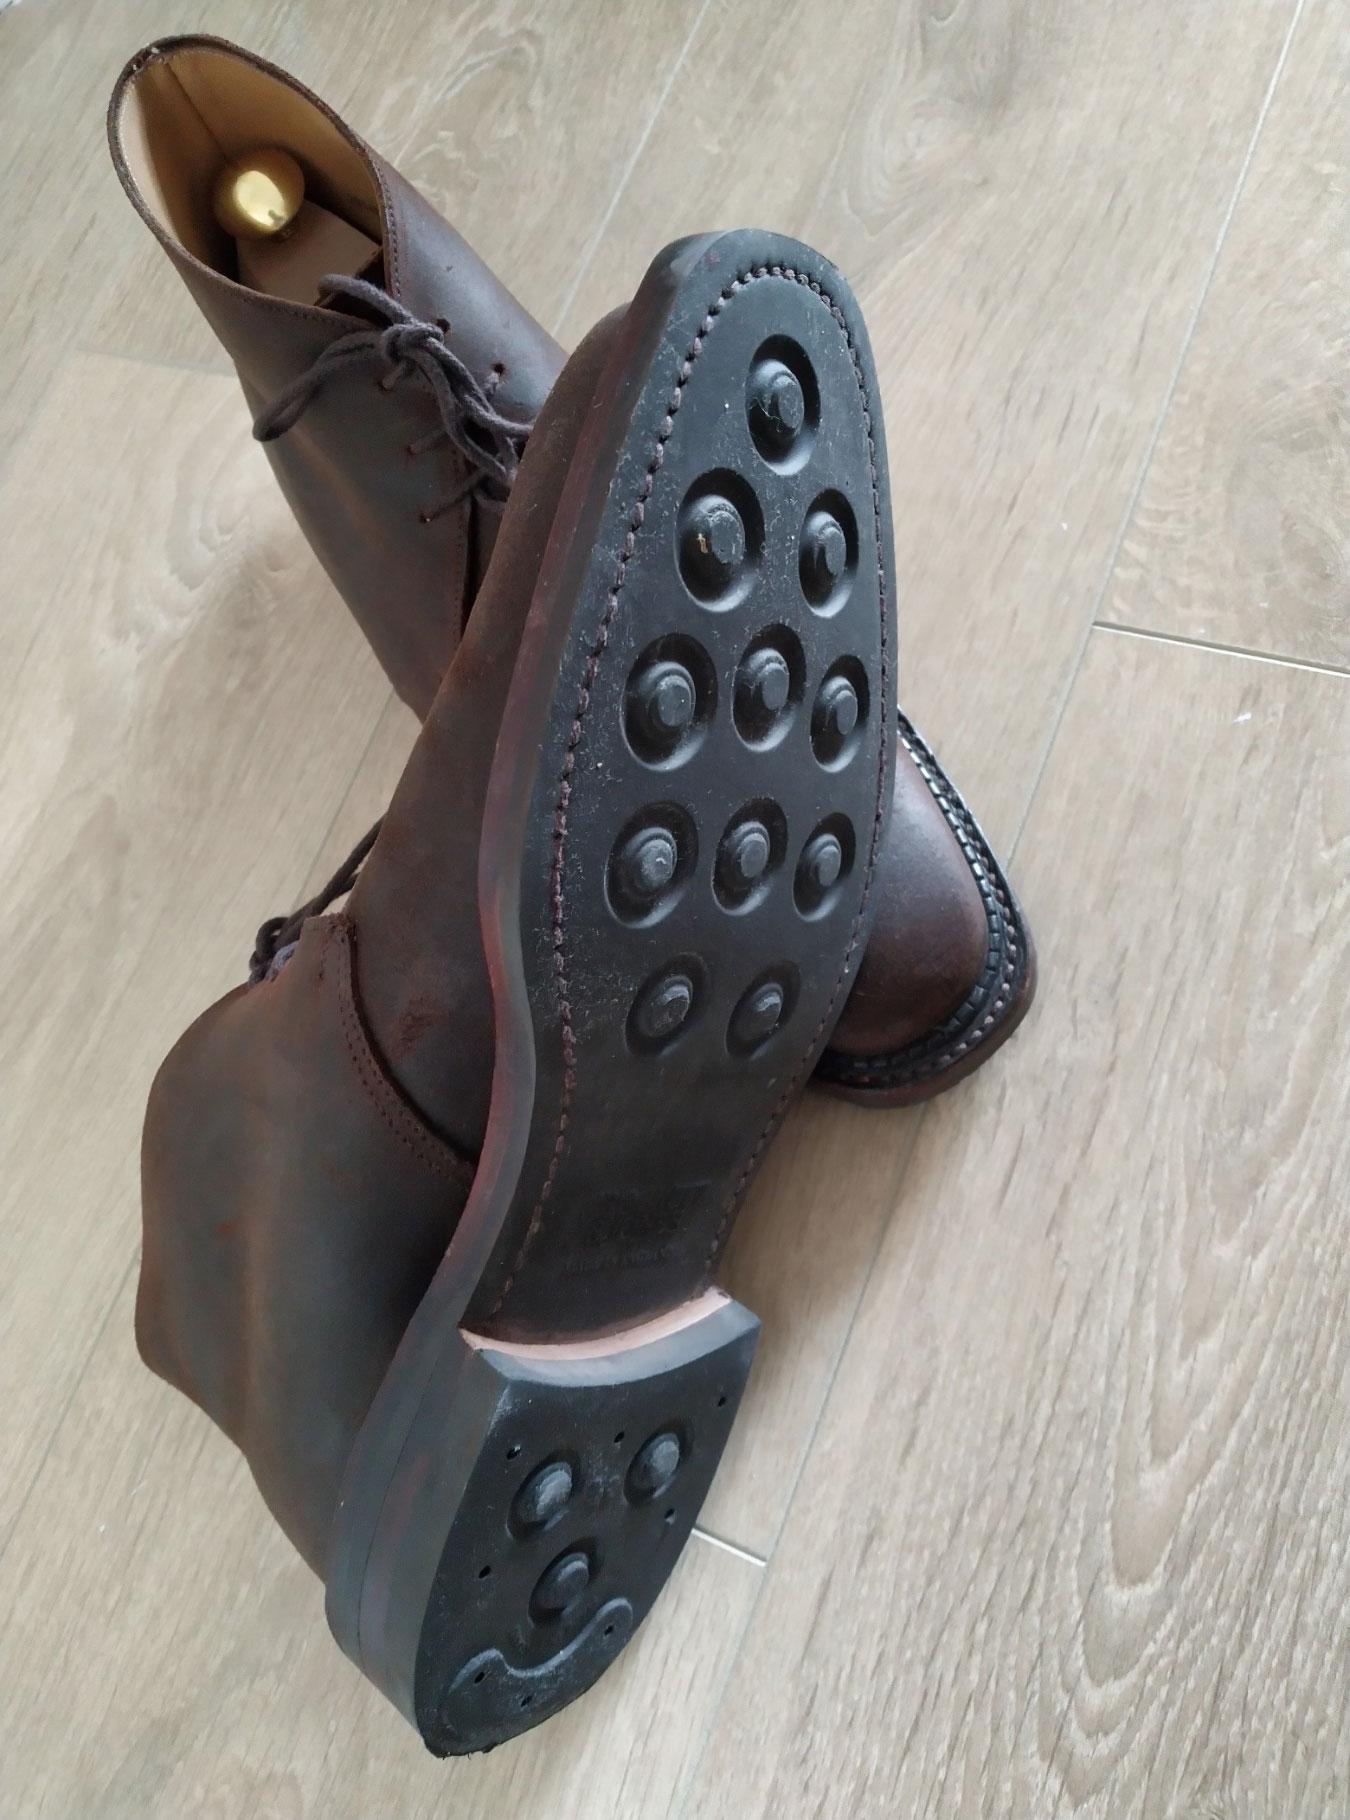 Crockett & Jones molton suede boots sole